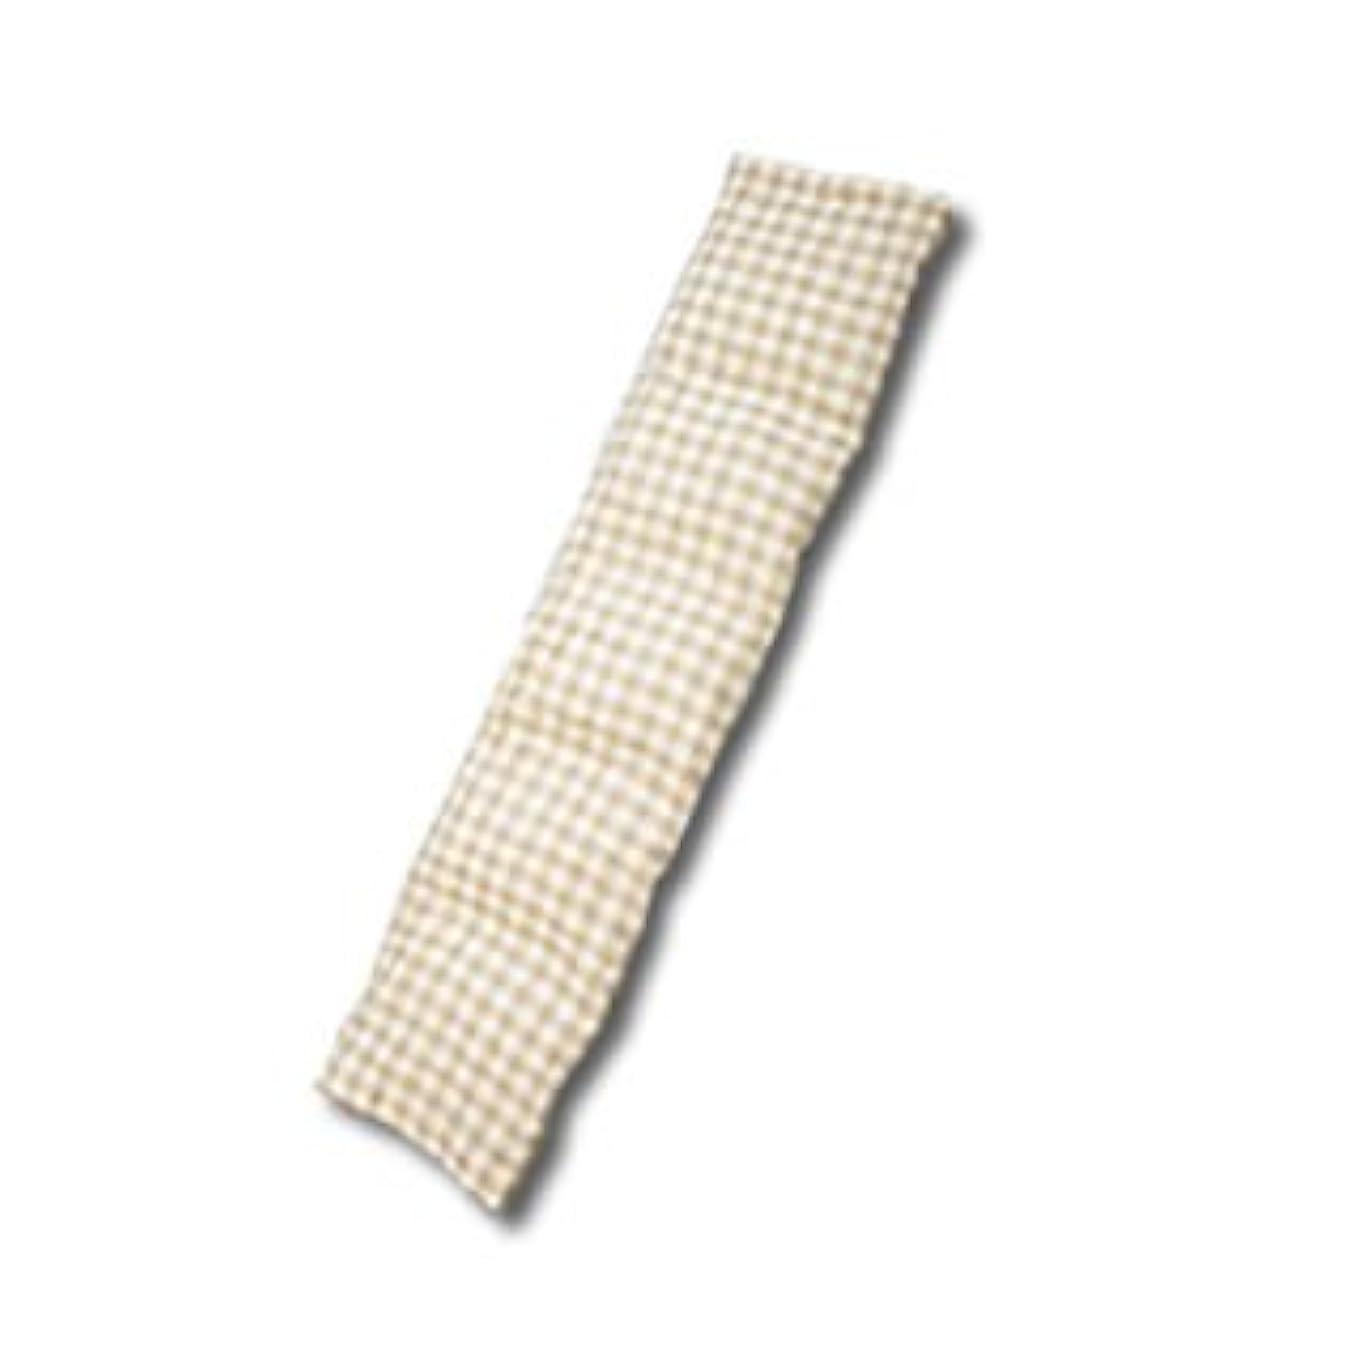 ささやきバース転倒手作り温熱ハーブパット「よもごこち」 ロング 13cm×57cm